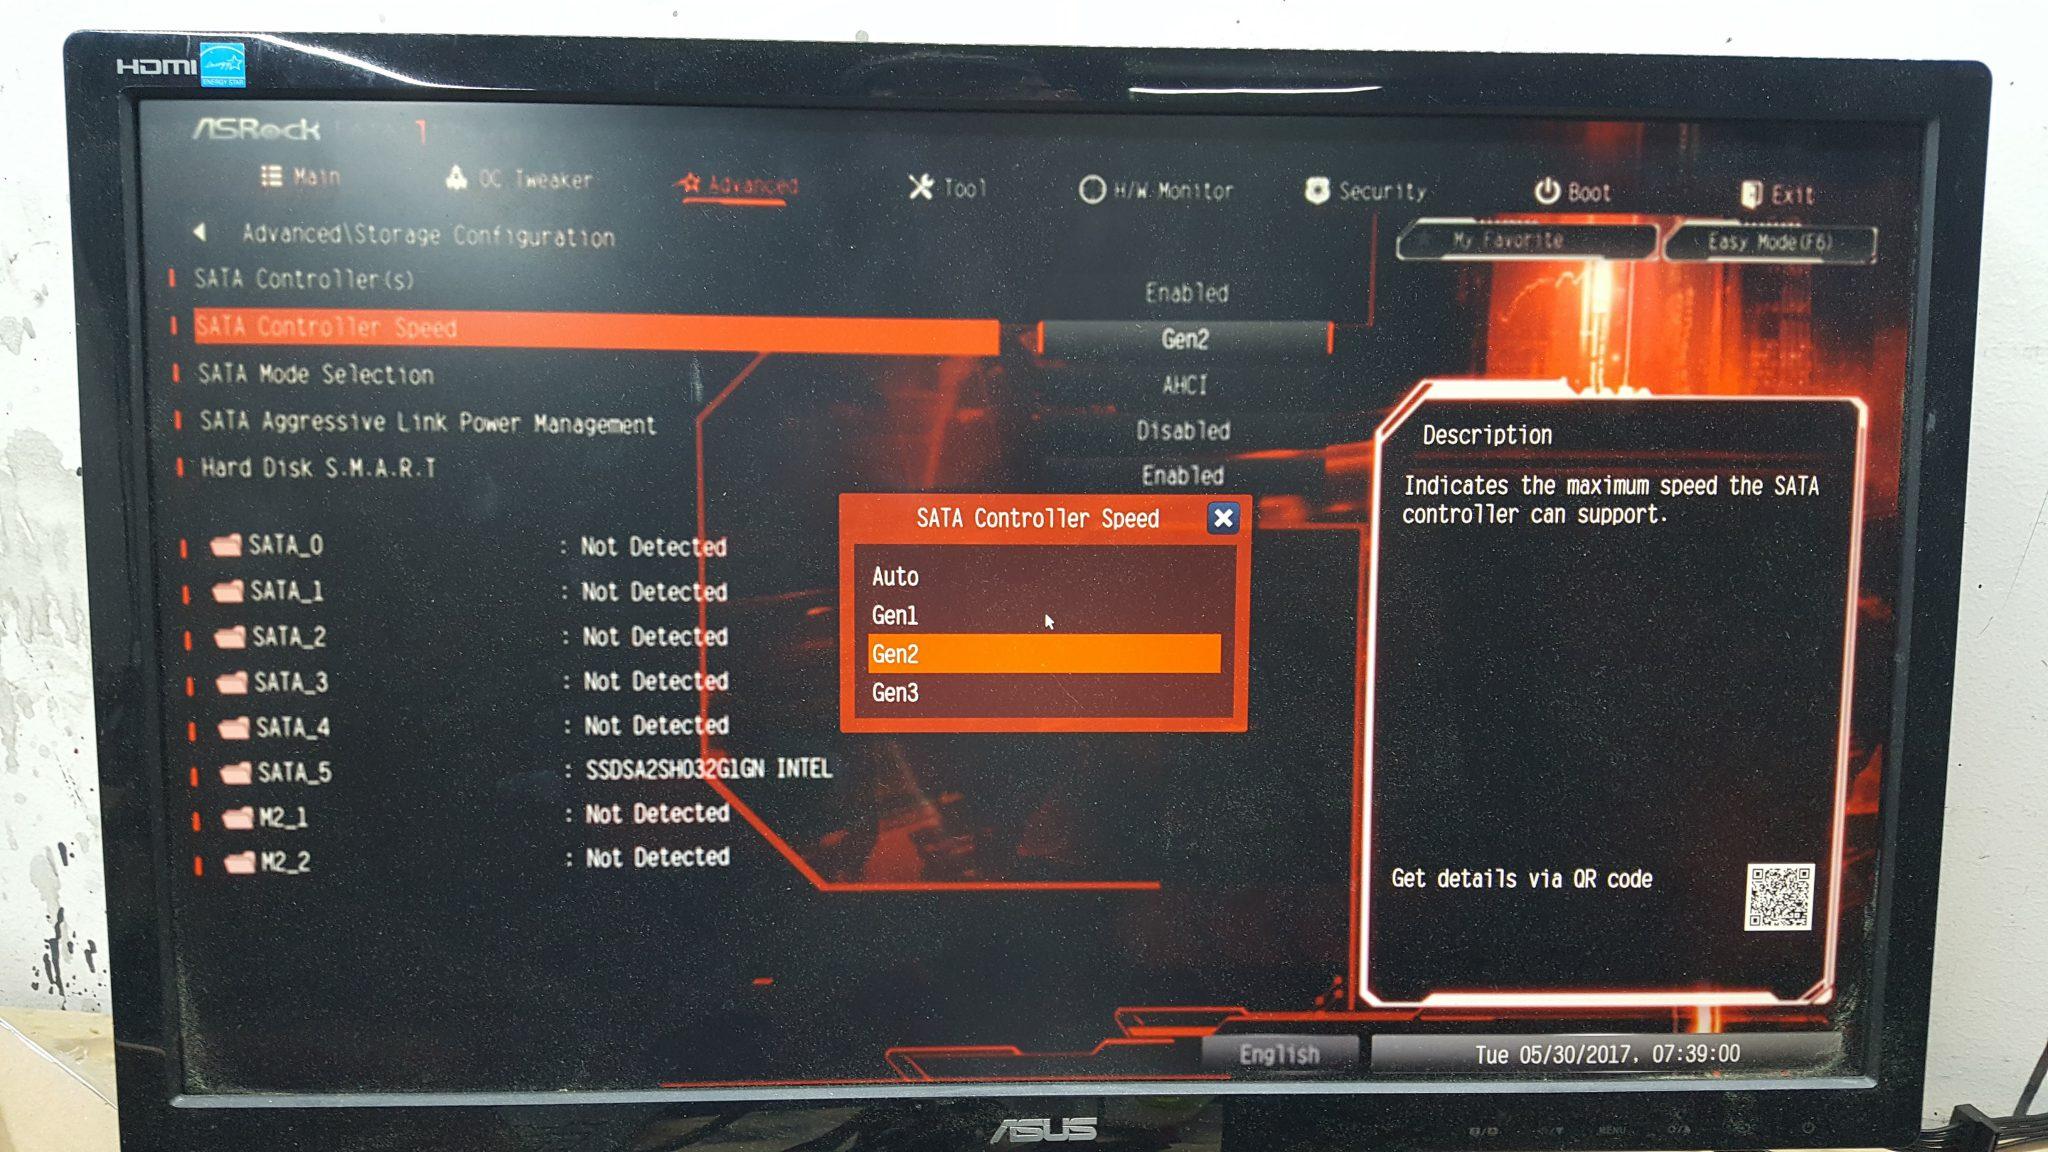 GPU Miner BIOS Settings for Asrock B250 Gaming K4 Motherboard